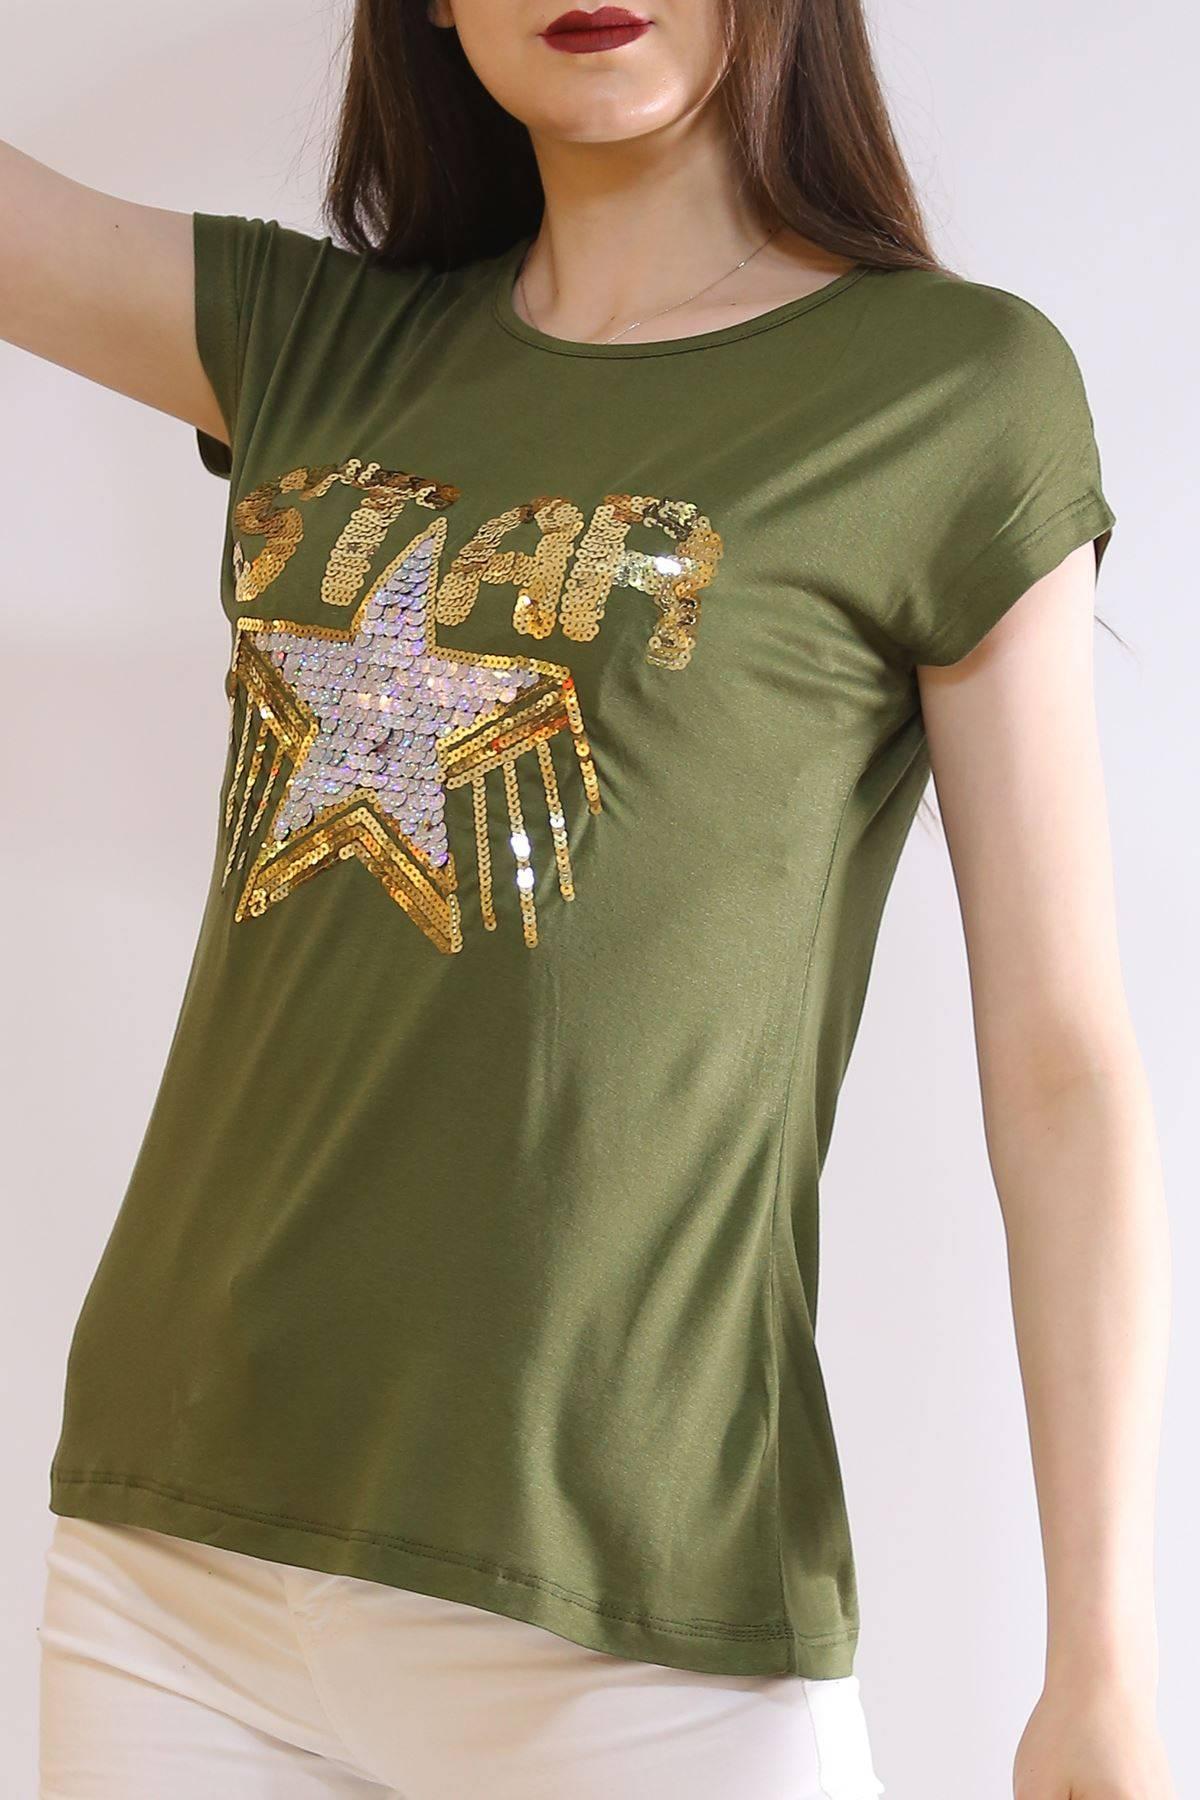 Star Baskı Tişört Haki - 6522.599.